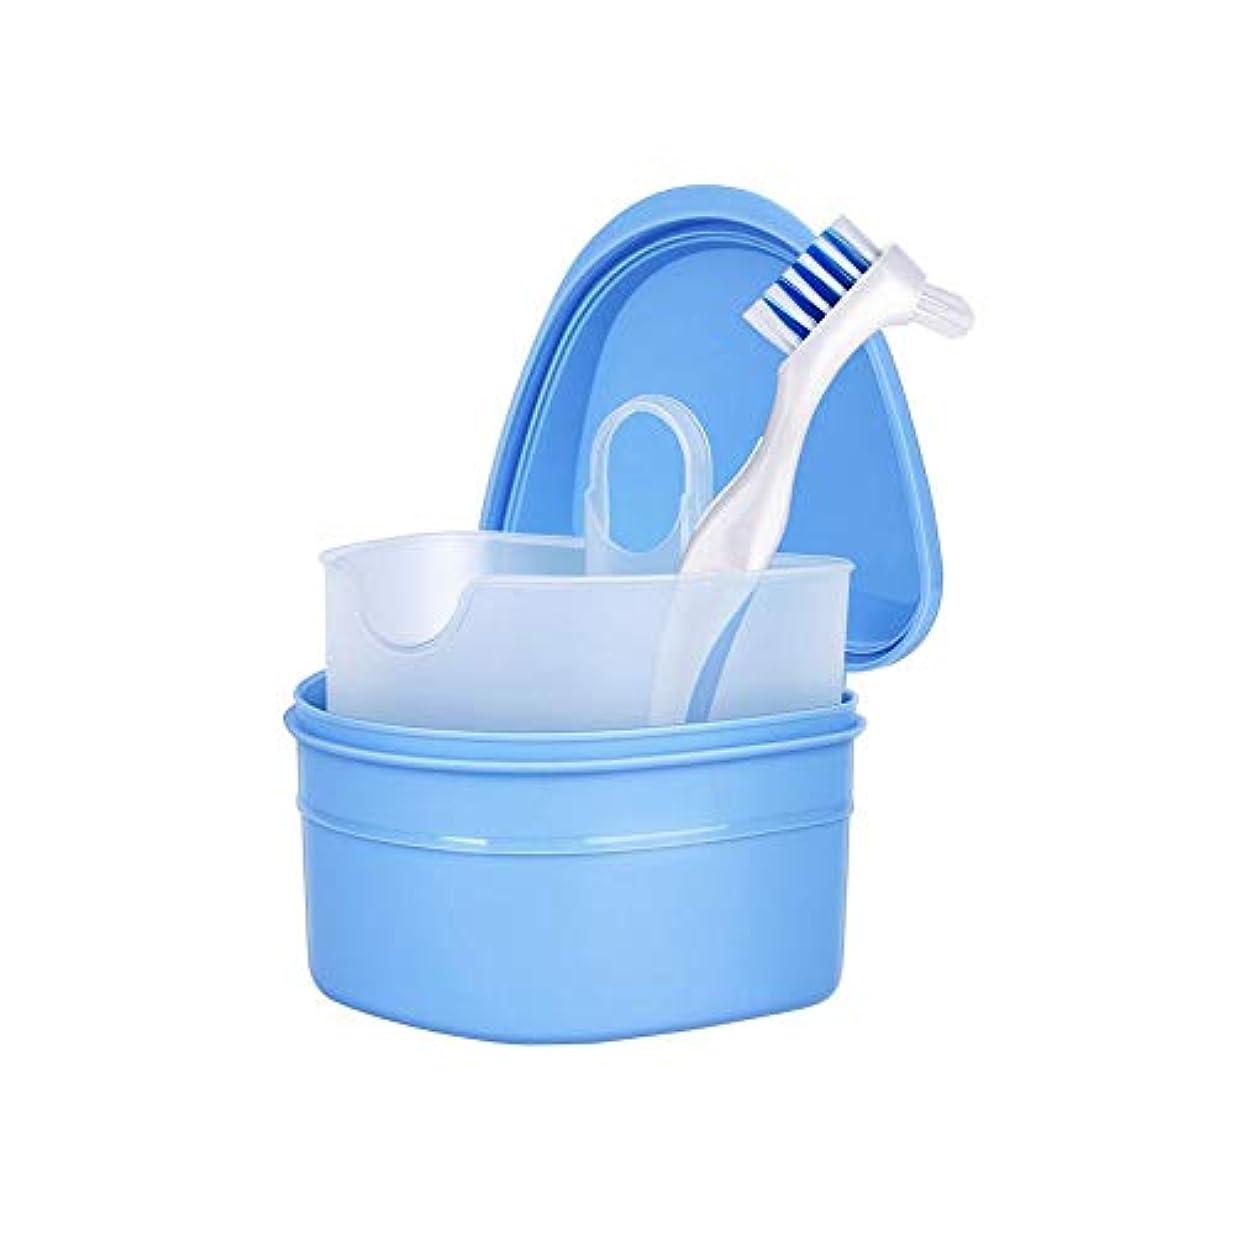 福祉家族エクステント入れ歯ケース 入れ歯収納 ブラシ付 義歯箱 リテーナーボックス 防水 軽量 ミニ 携帯用 家庭 旅行 出張 義歯収納容器